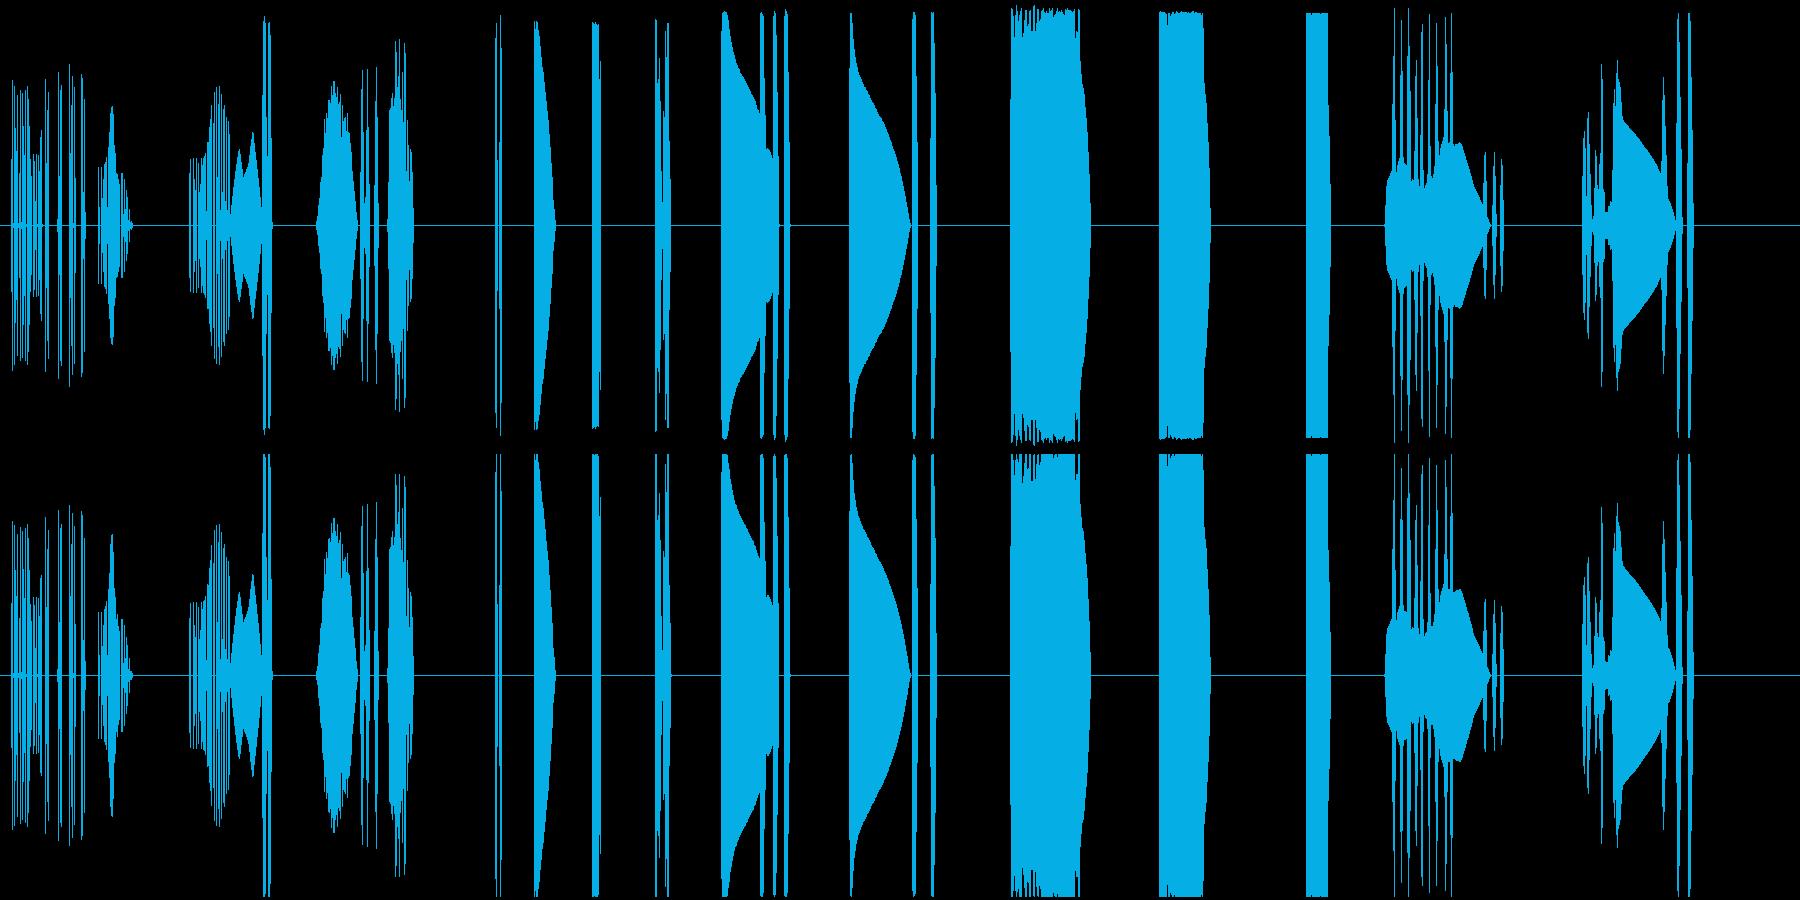 【SFなコンピュータ操作とピコピコ音】の再生済みの波形